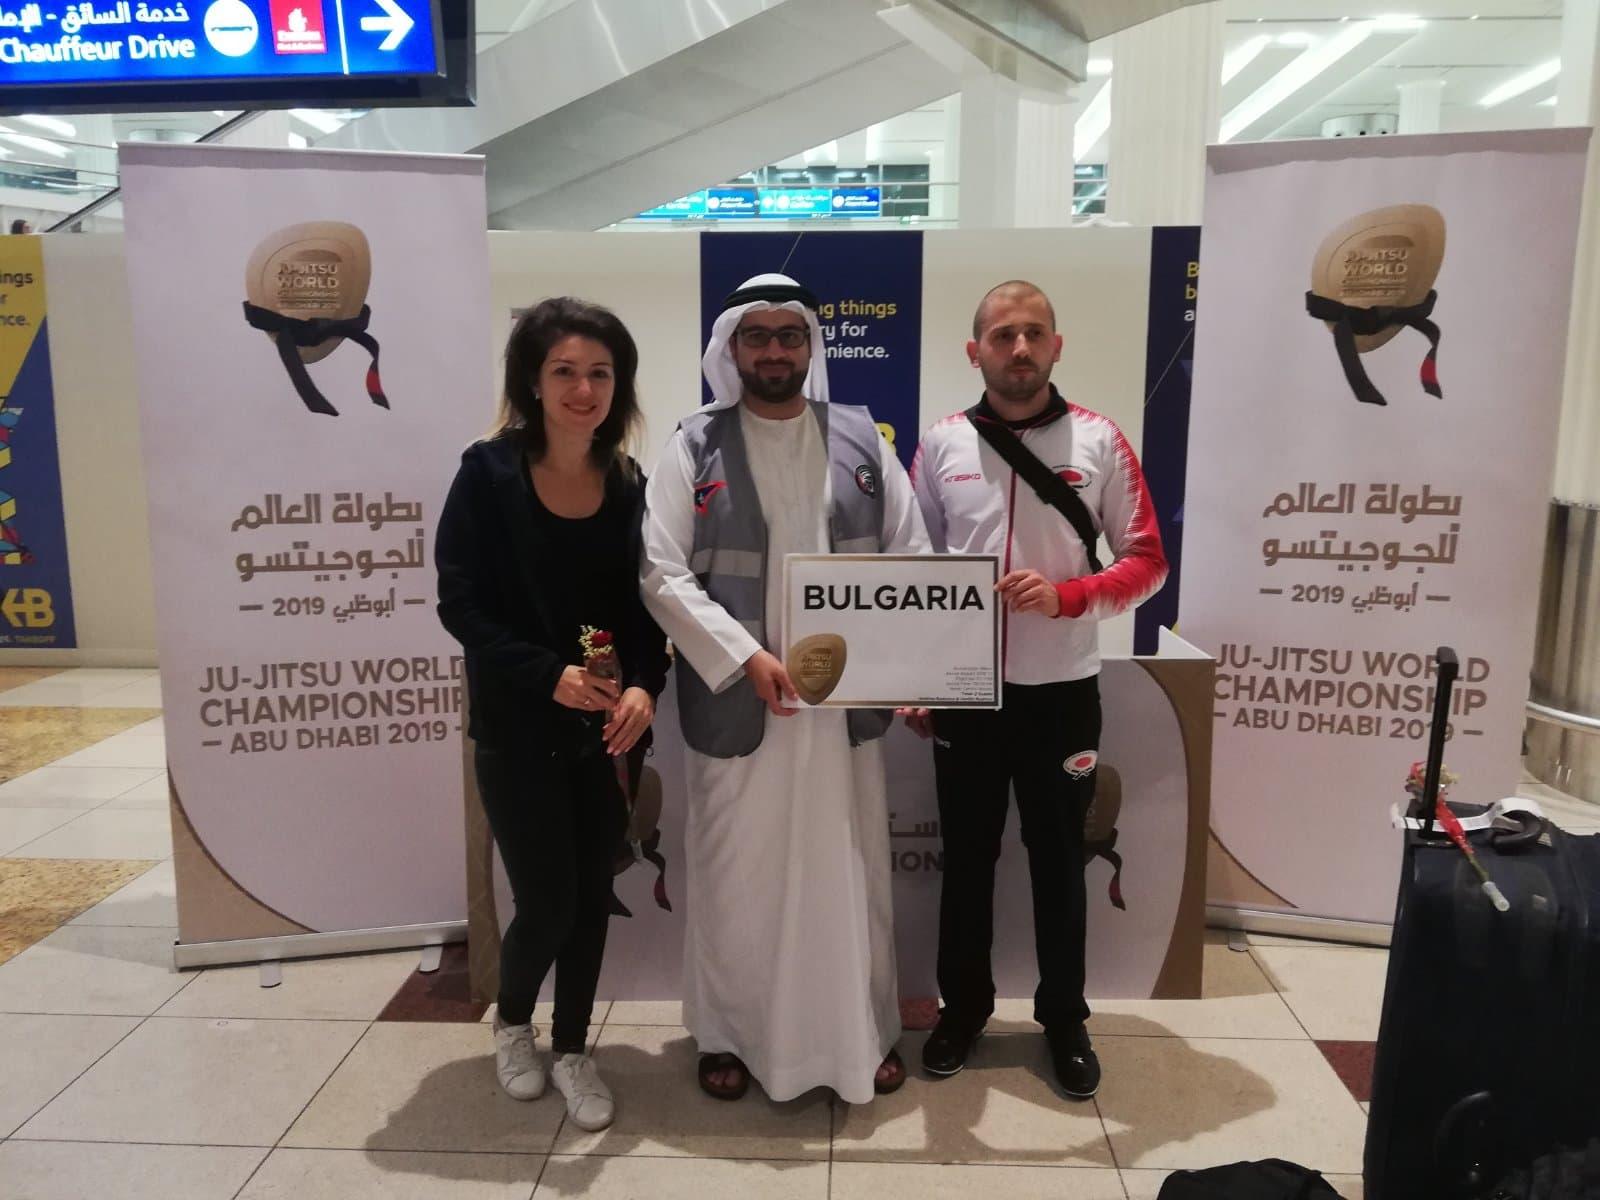 България ще атакува медал на Световното по джу джицу в Абу Даби